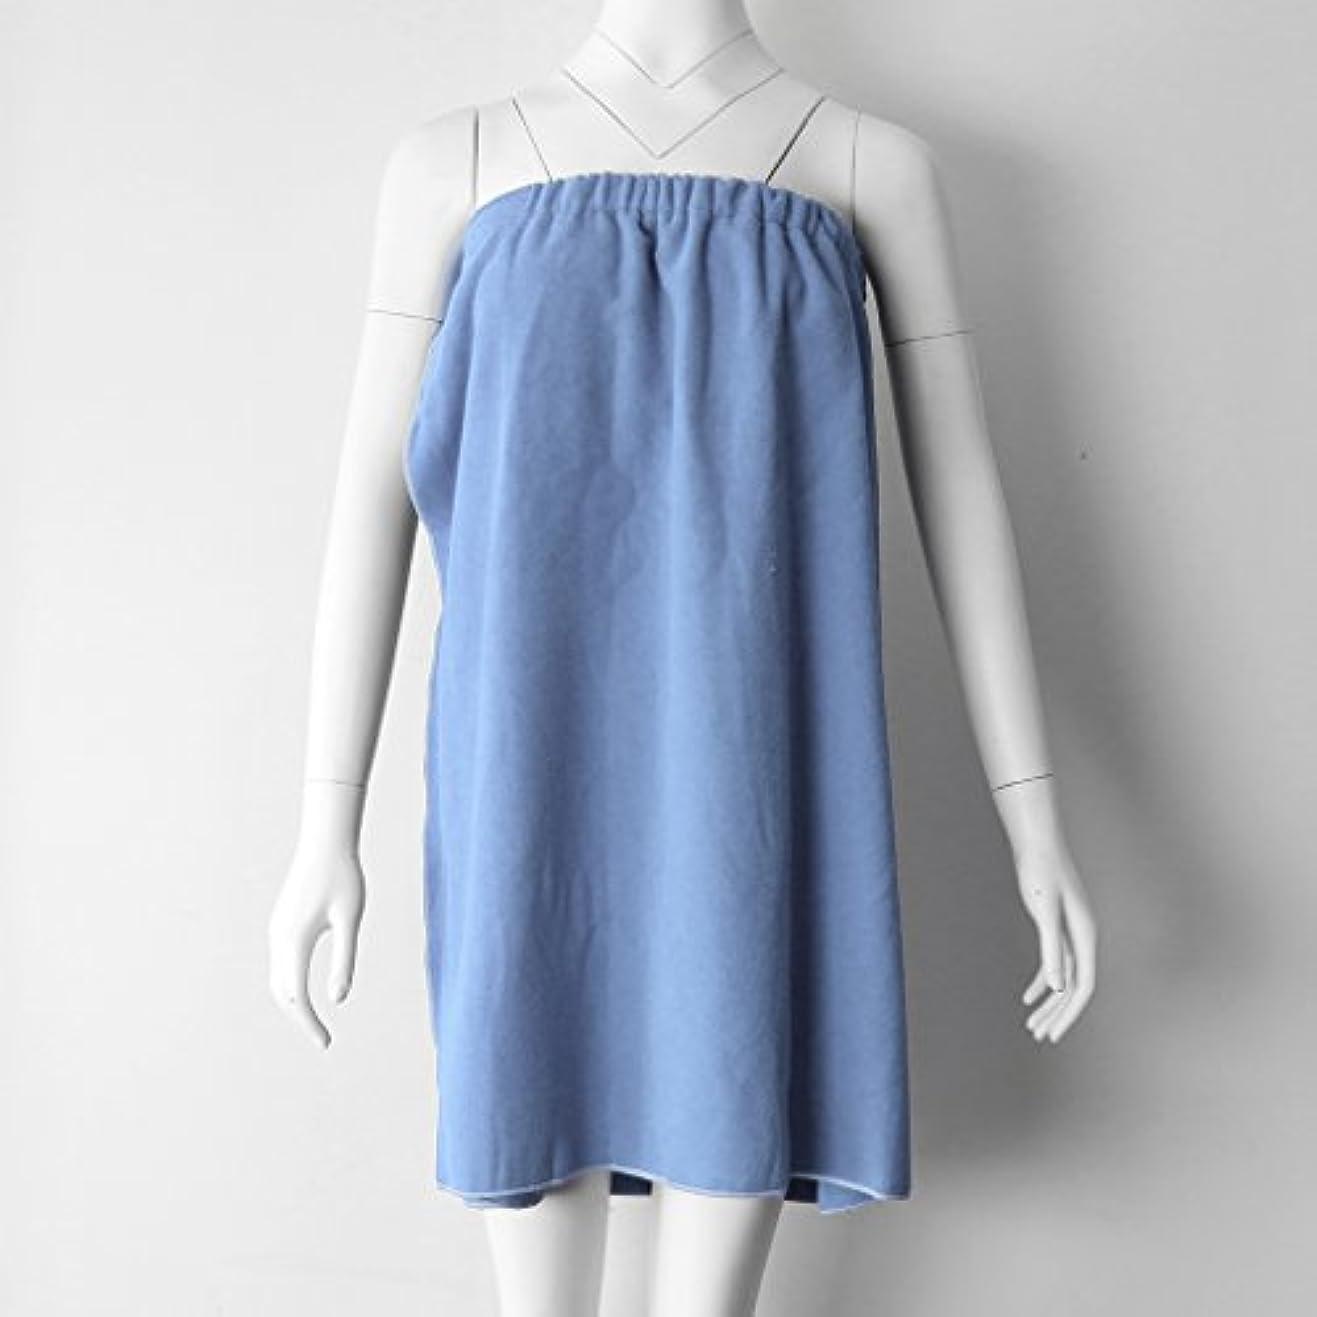 コスト代わりの剥離Perfk タオルラップ バスタオル バススカート レディース シャワーラップ 約68×54cm 4色選べる - ライトブルー